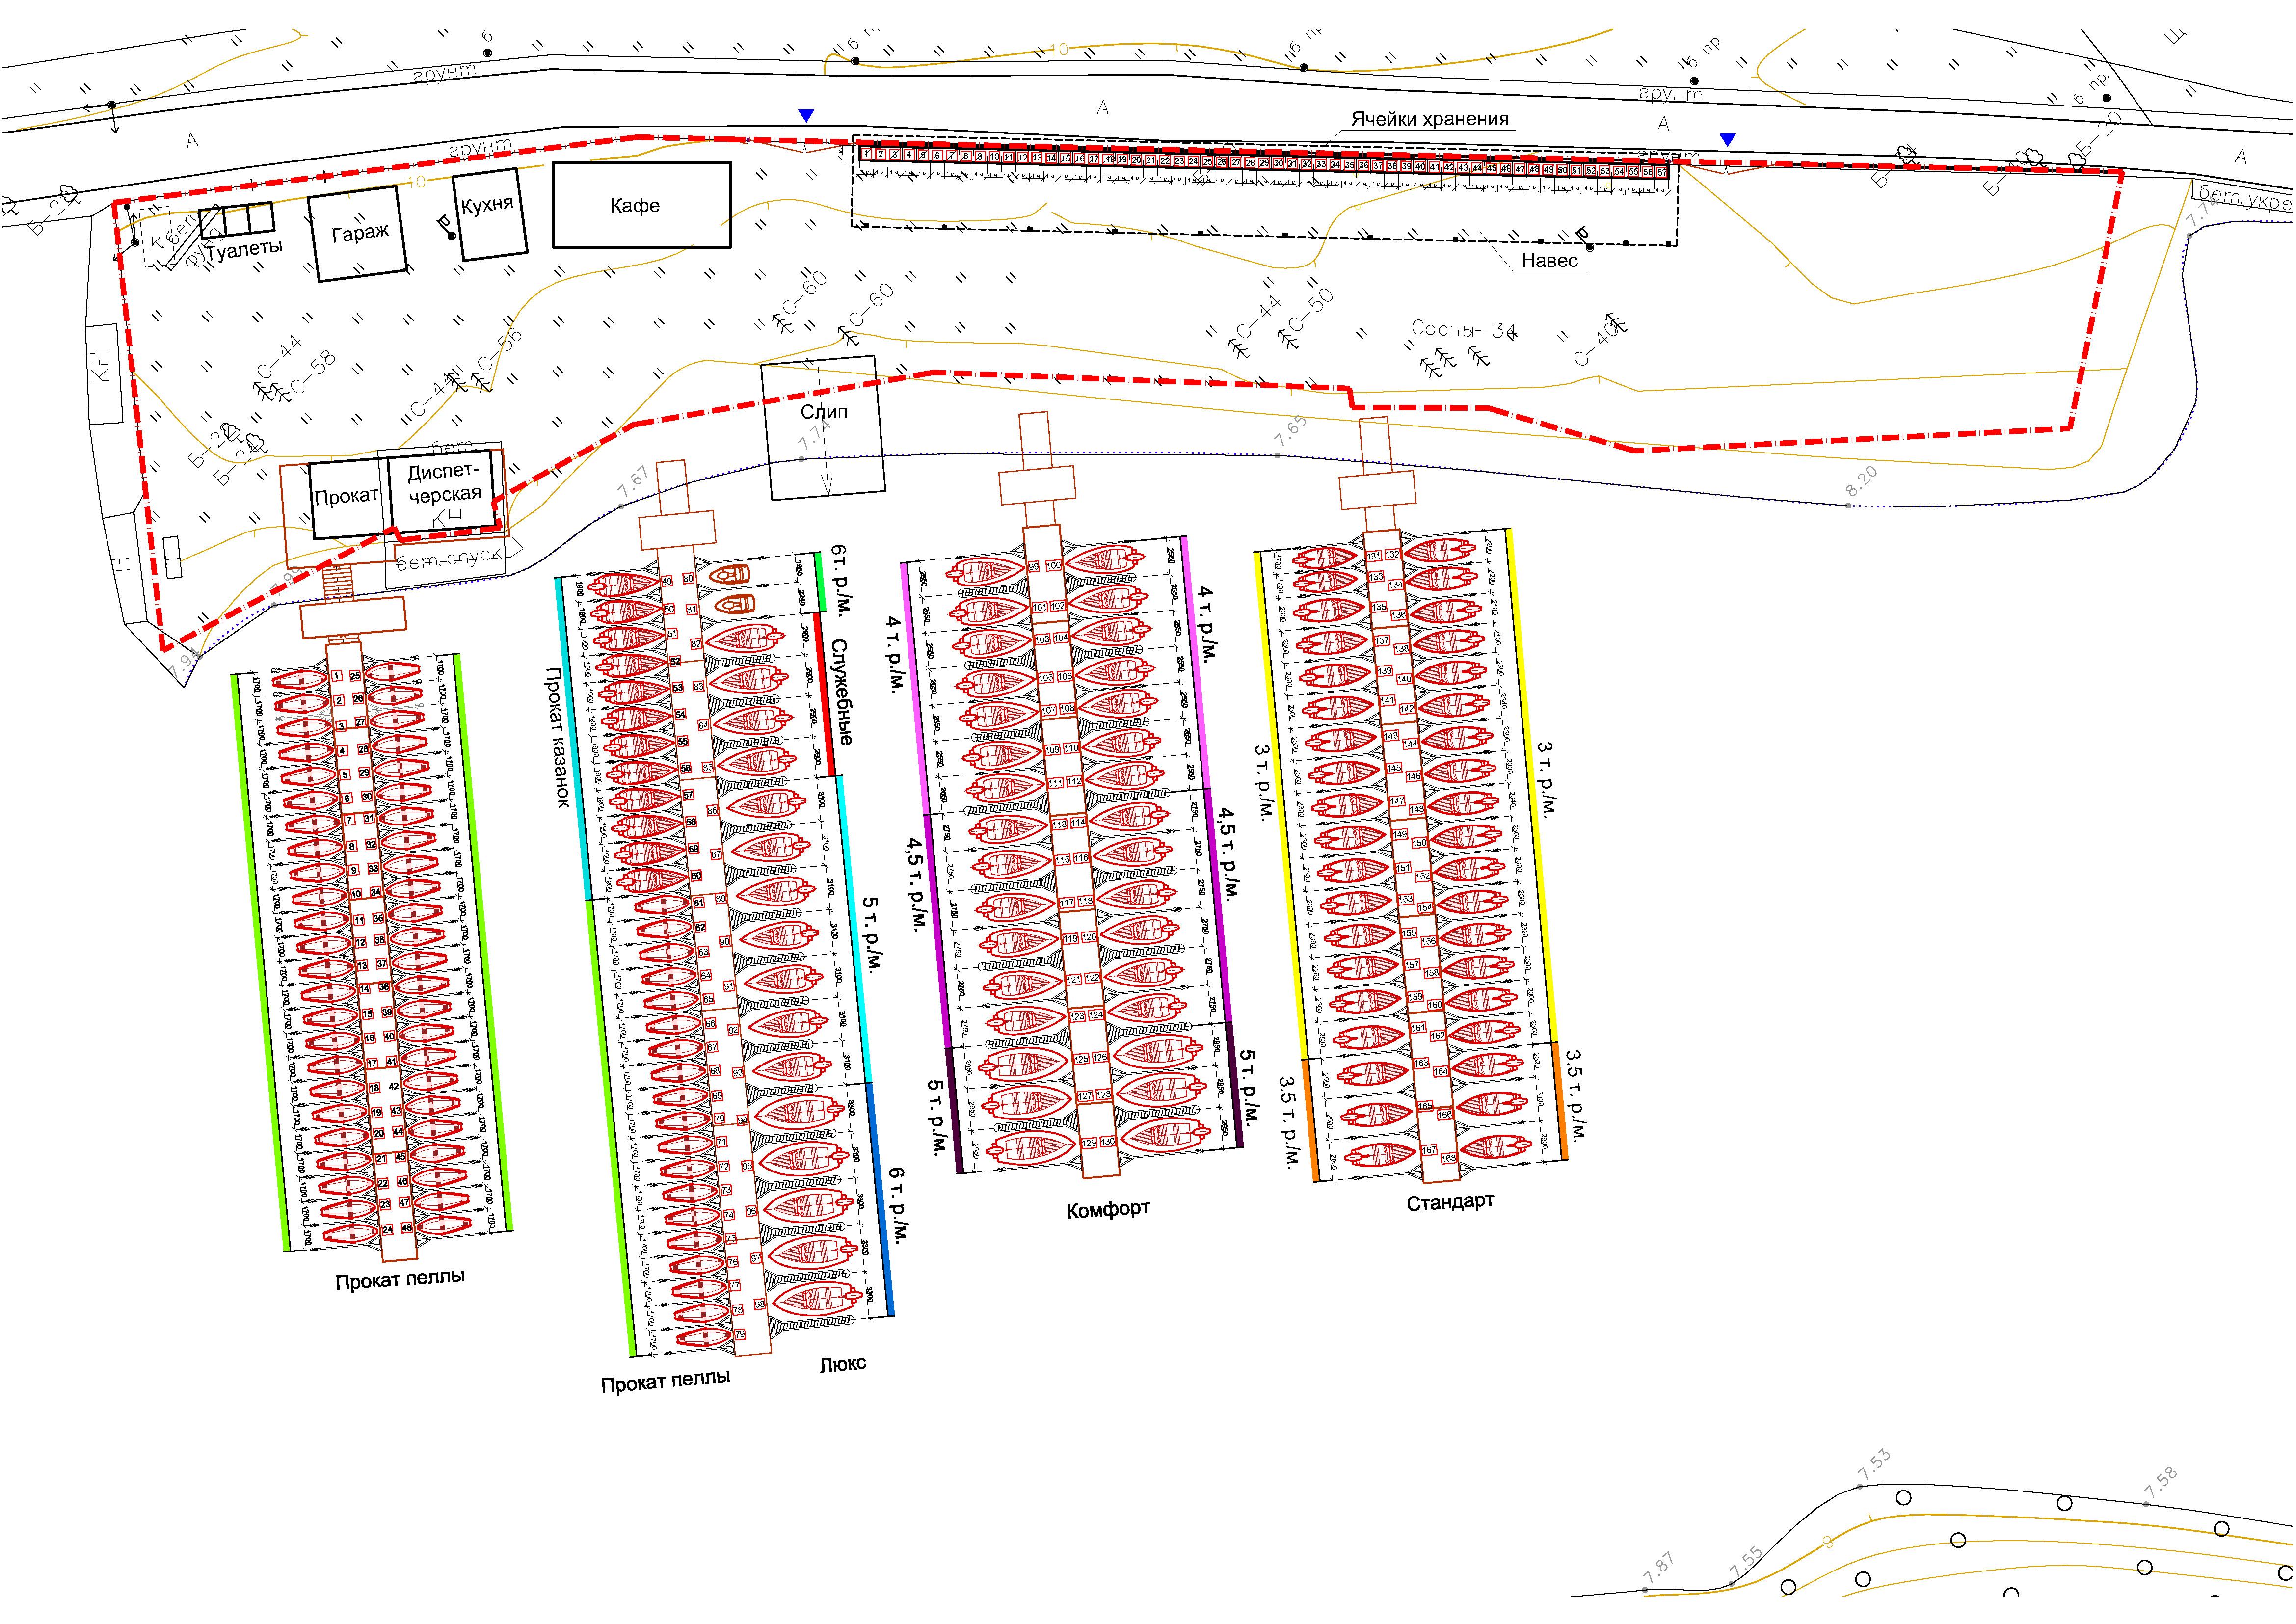 Схема лодочной станции ВС 2017г